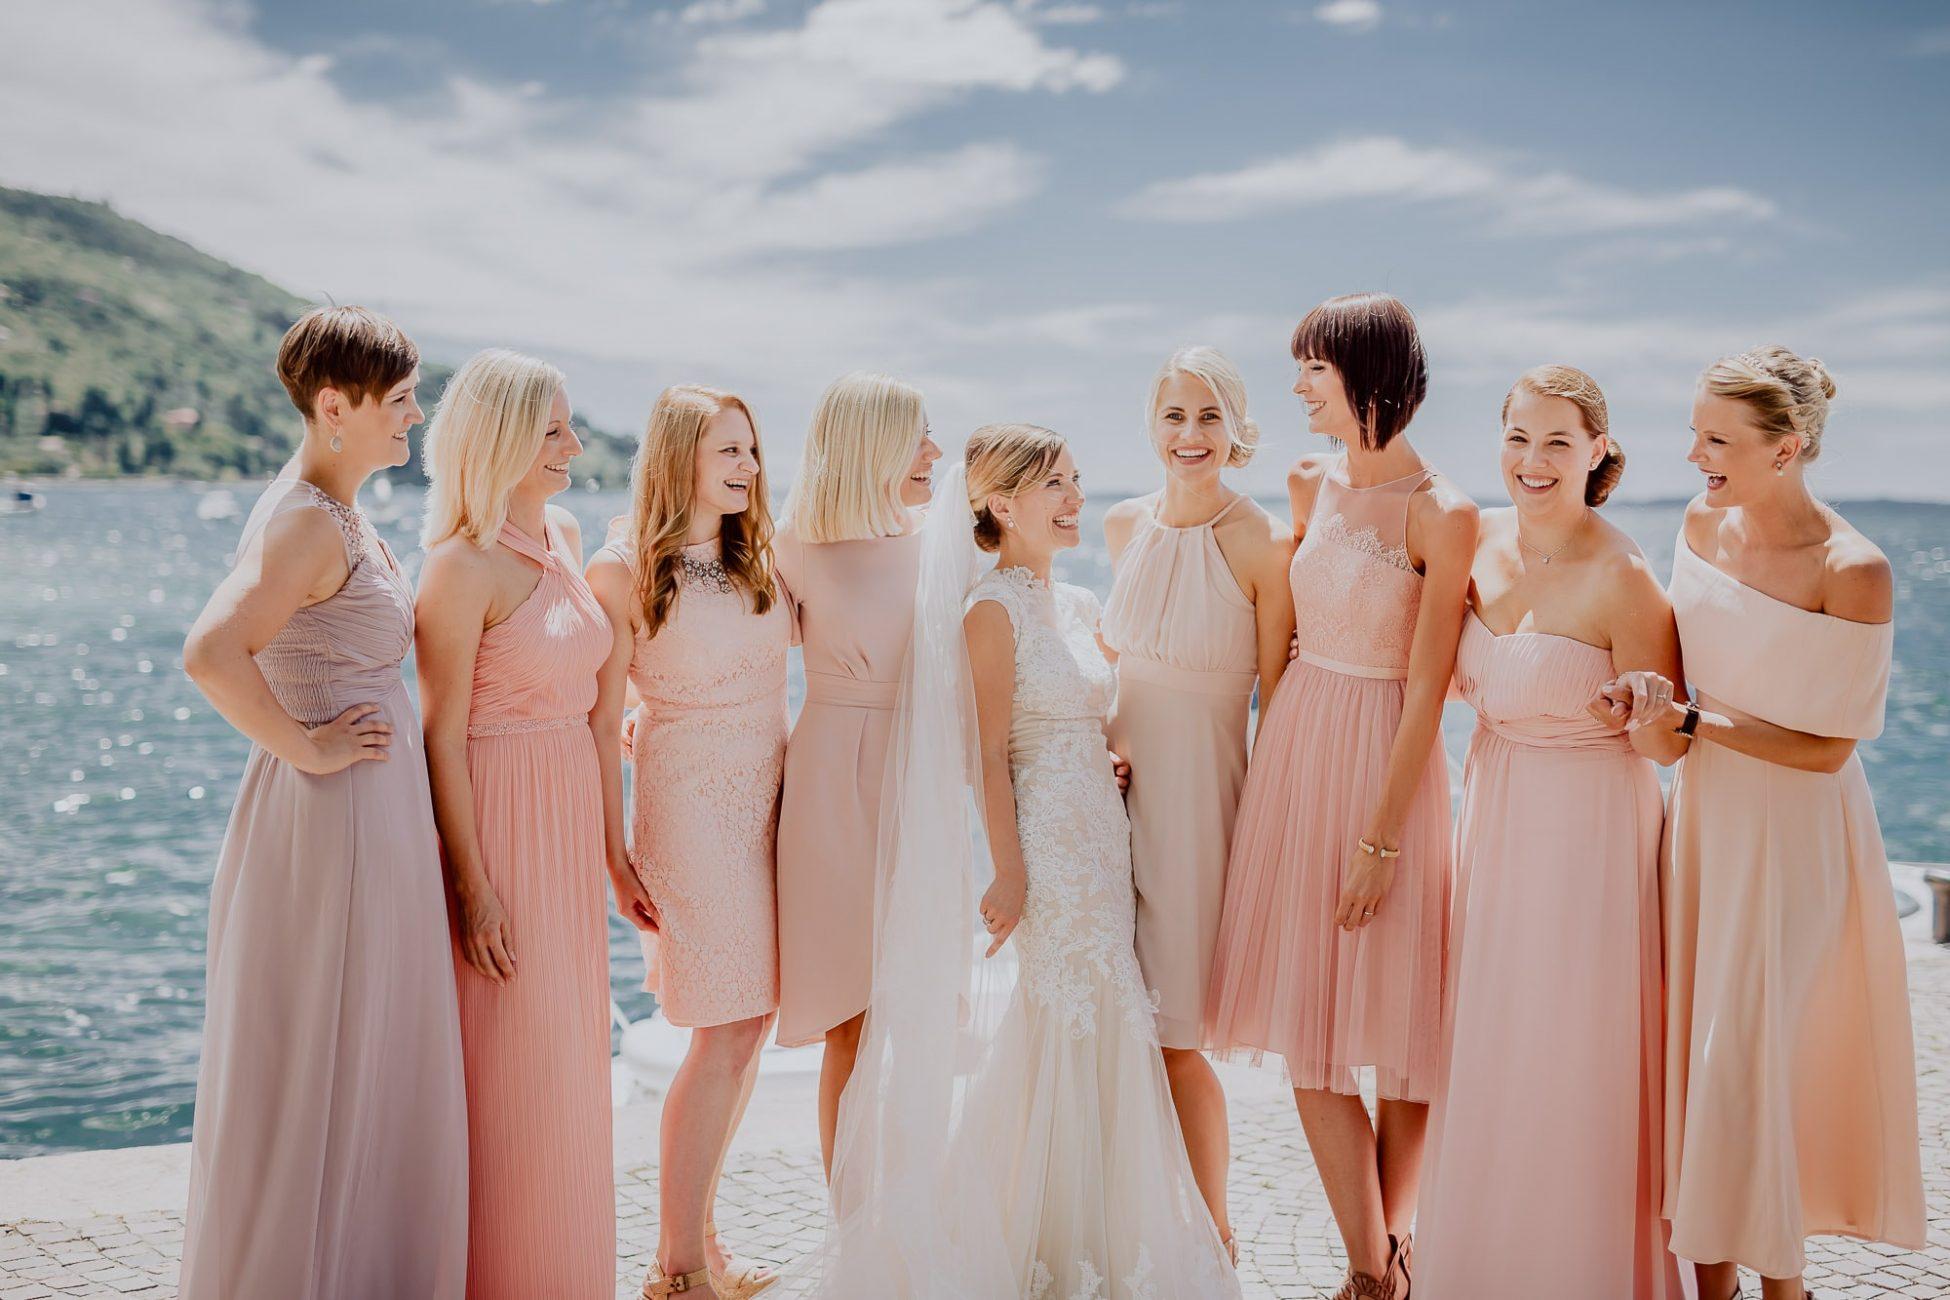 Hochzeitsfotograf Destinationwedding auslandshochzeit Ben Gierig Brautjungfern Bridemaids Italien Gardasee